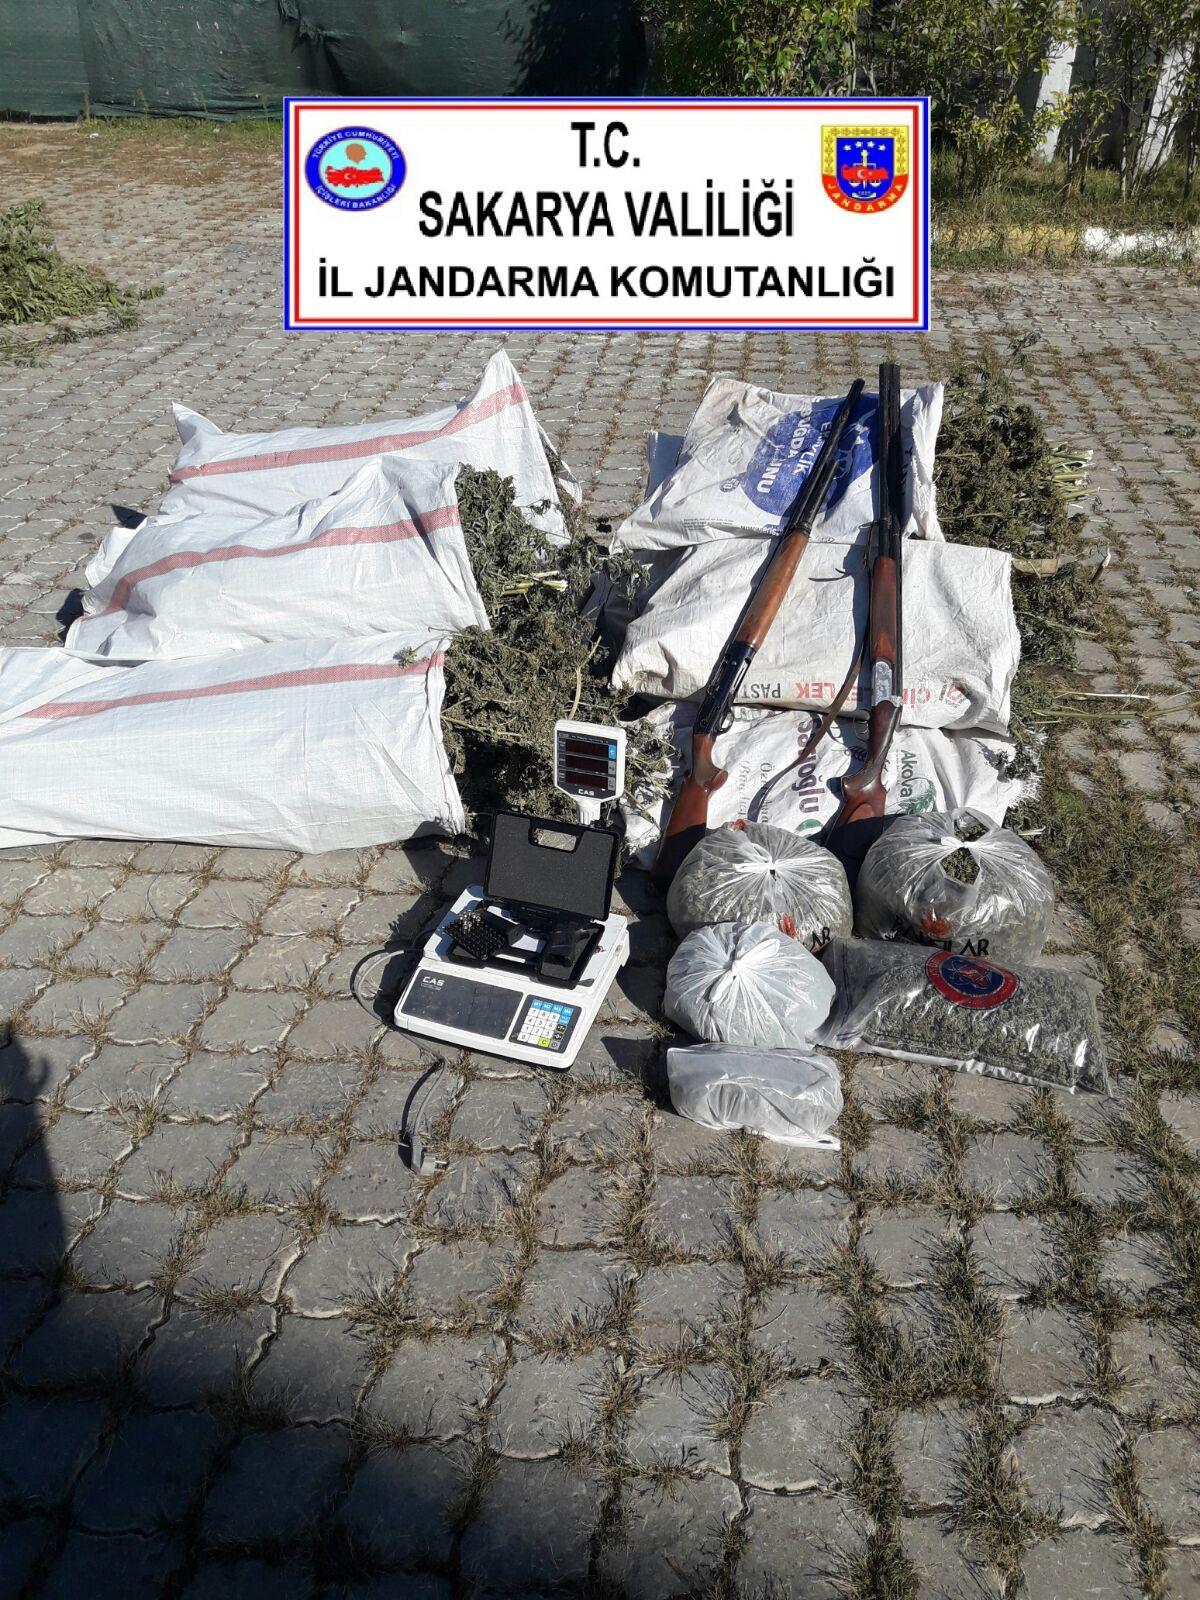 JANDARMA HENDEK'TE 70 KG UYUŞTURUCU YAKALADI